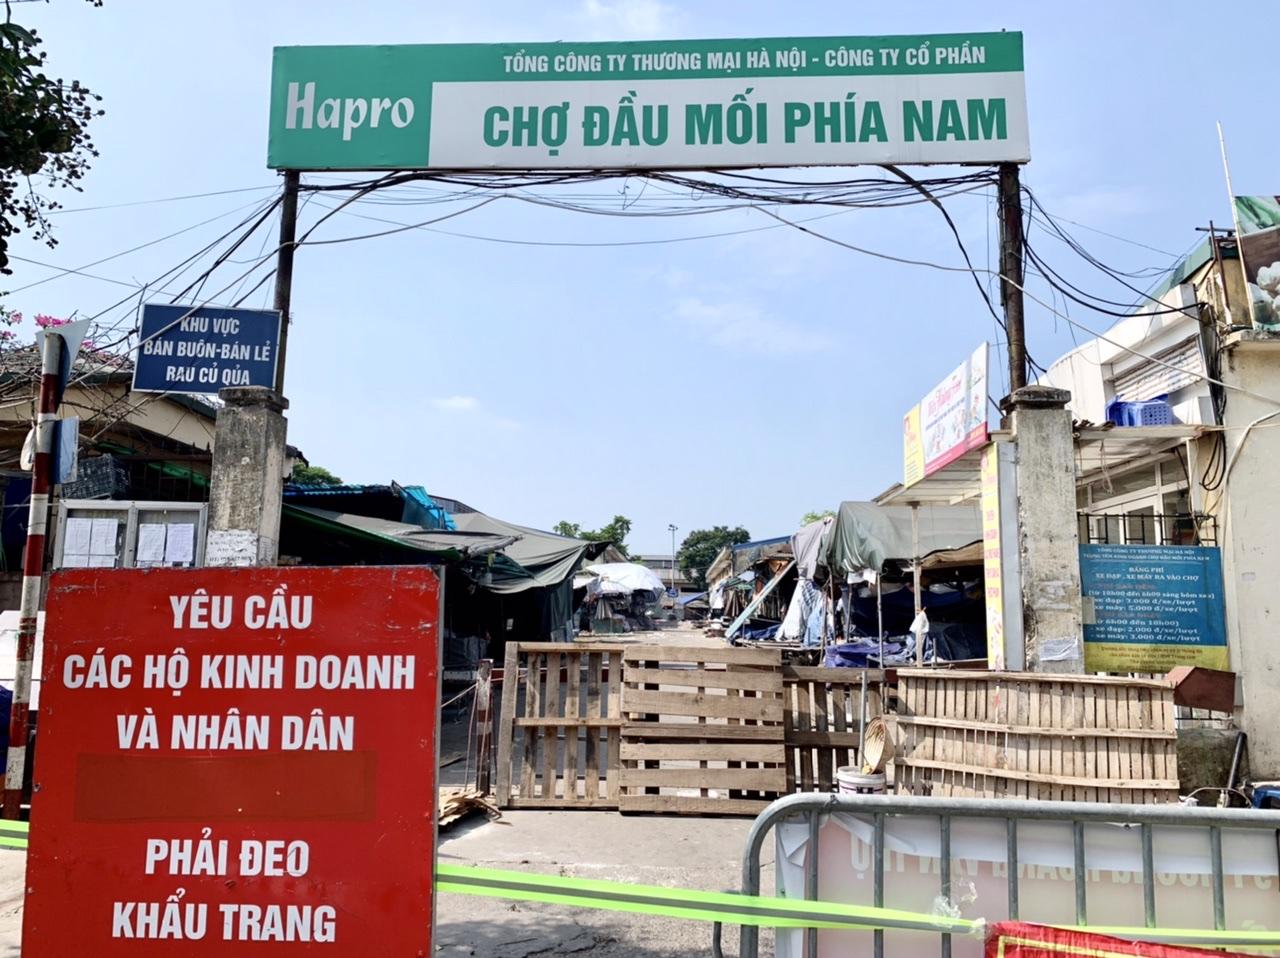 Sở Công thương đang rà soát các khu đất trống để di dời những chợ bị đóng cửa ra khu vực thông thống.